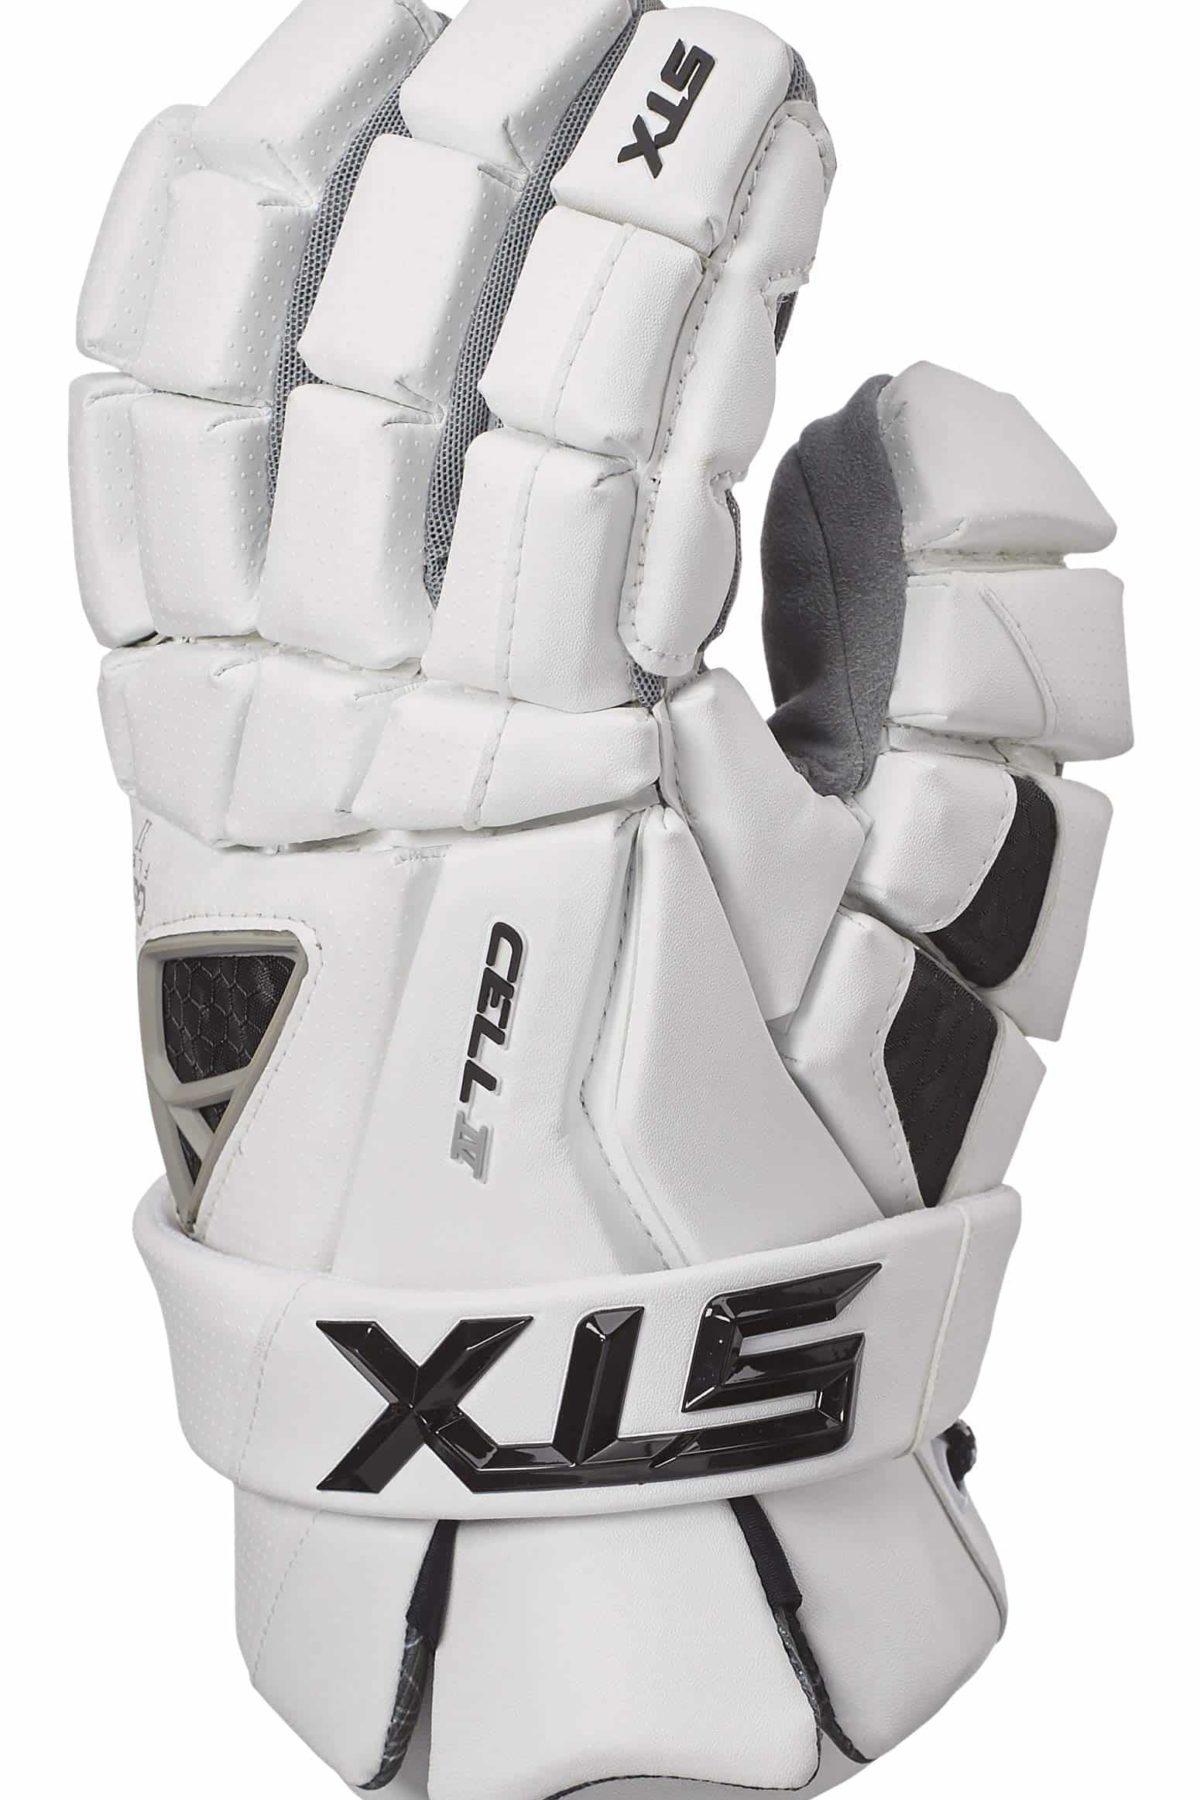 stx cell 4 gloves   81alzYuFcZL 1200x1800 cropped